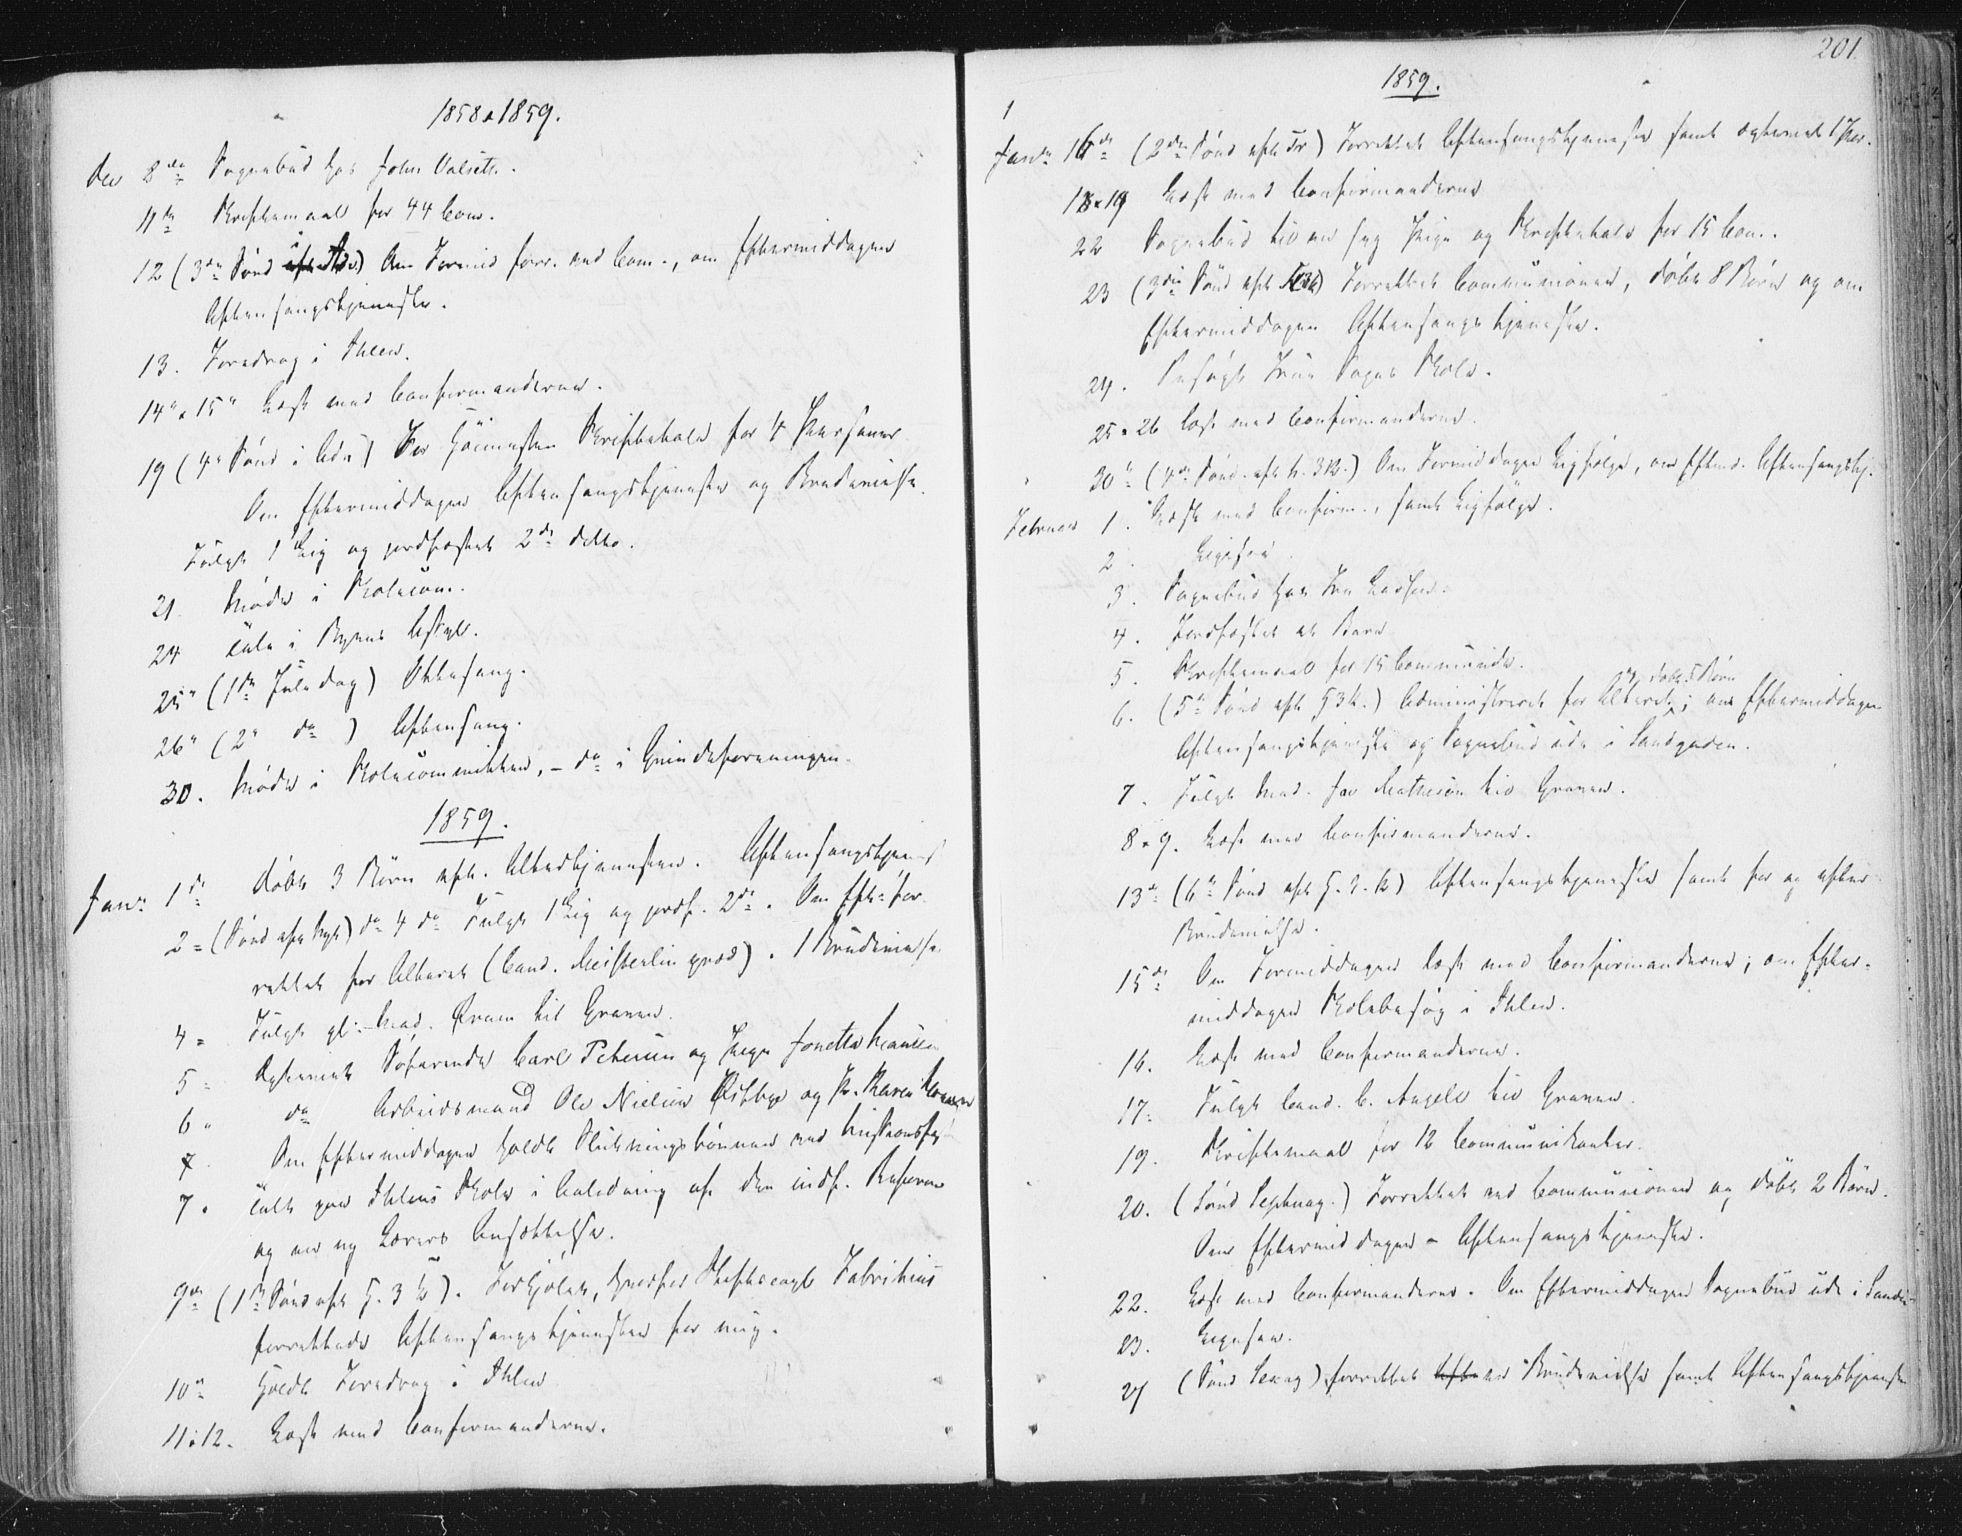 SAT, Ministerialprotokoller, klokkerbøker og fødselsregistre - Sør-Trøndelag, 602/L0127: Residerende kapellans bok nr. 602B01, 1821-1875, s. 201